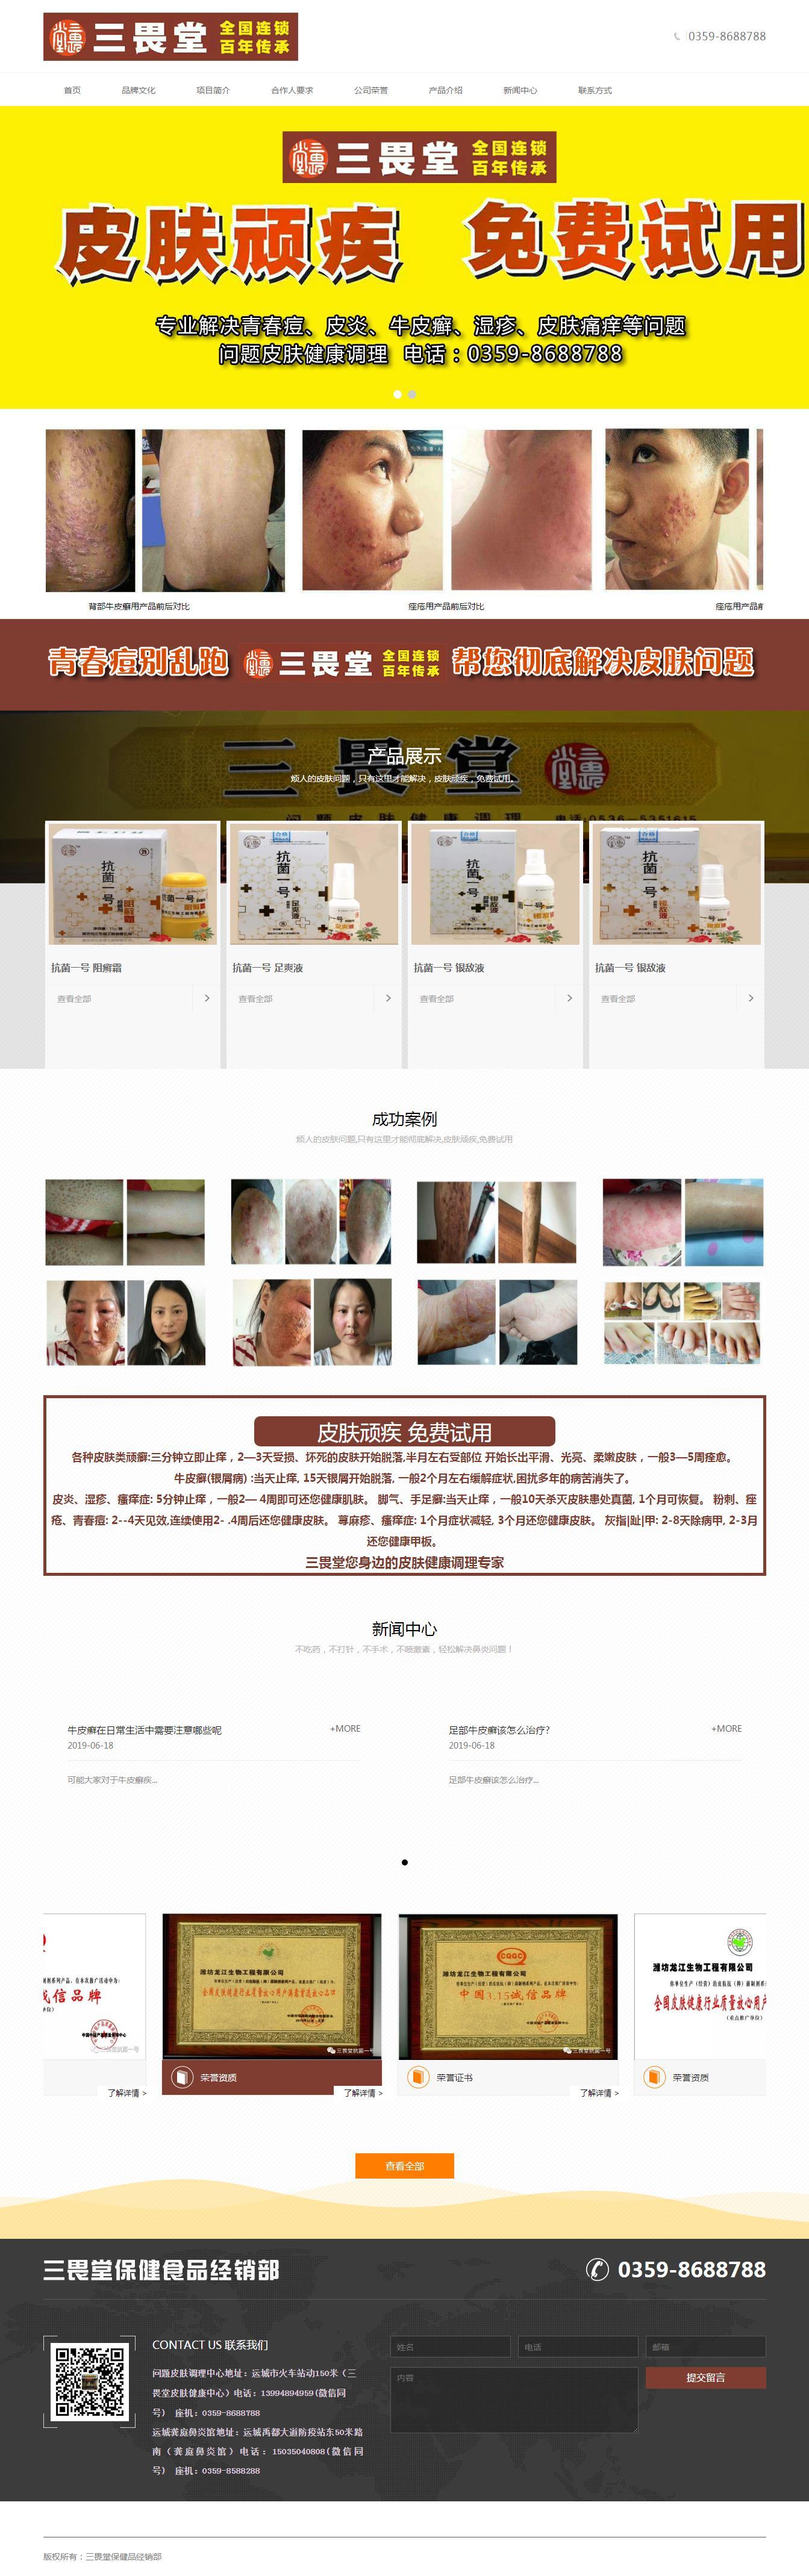 易胜博ysb248网址-三畏堂